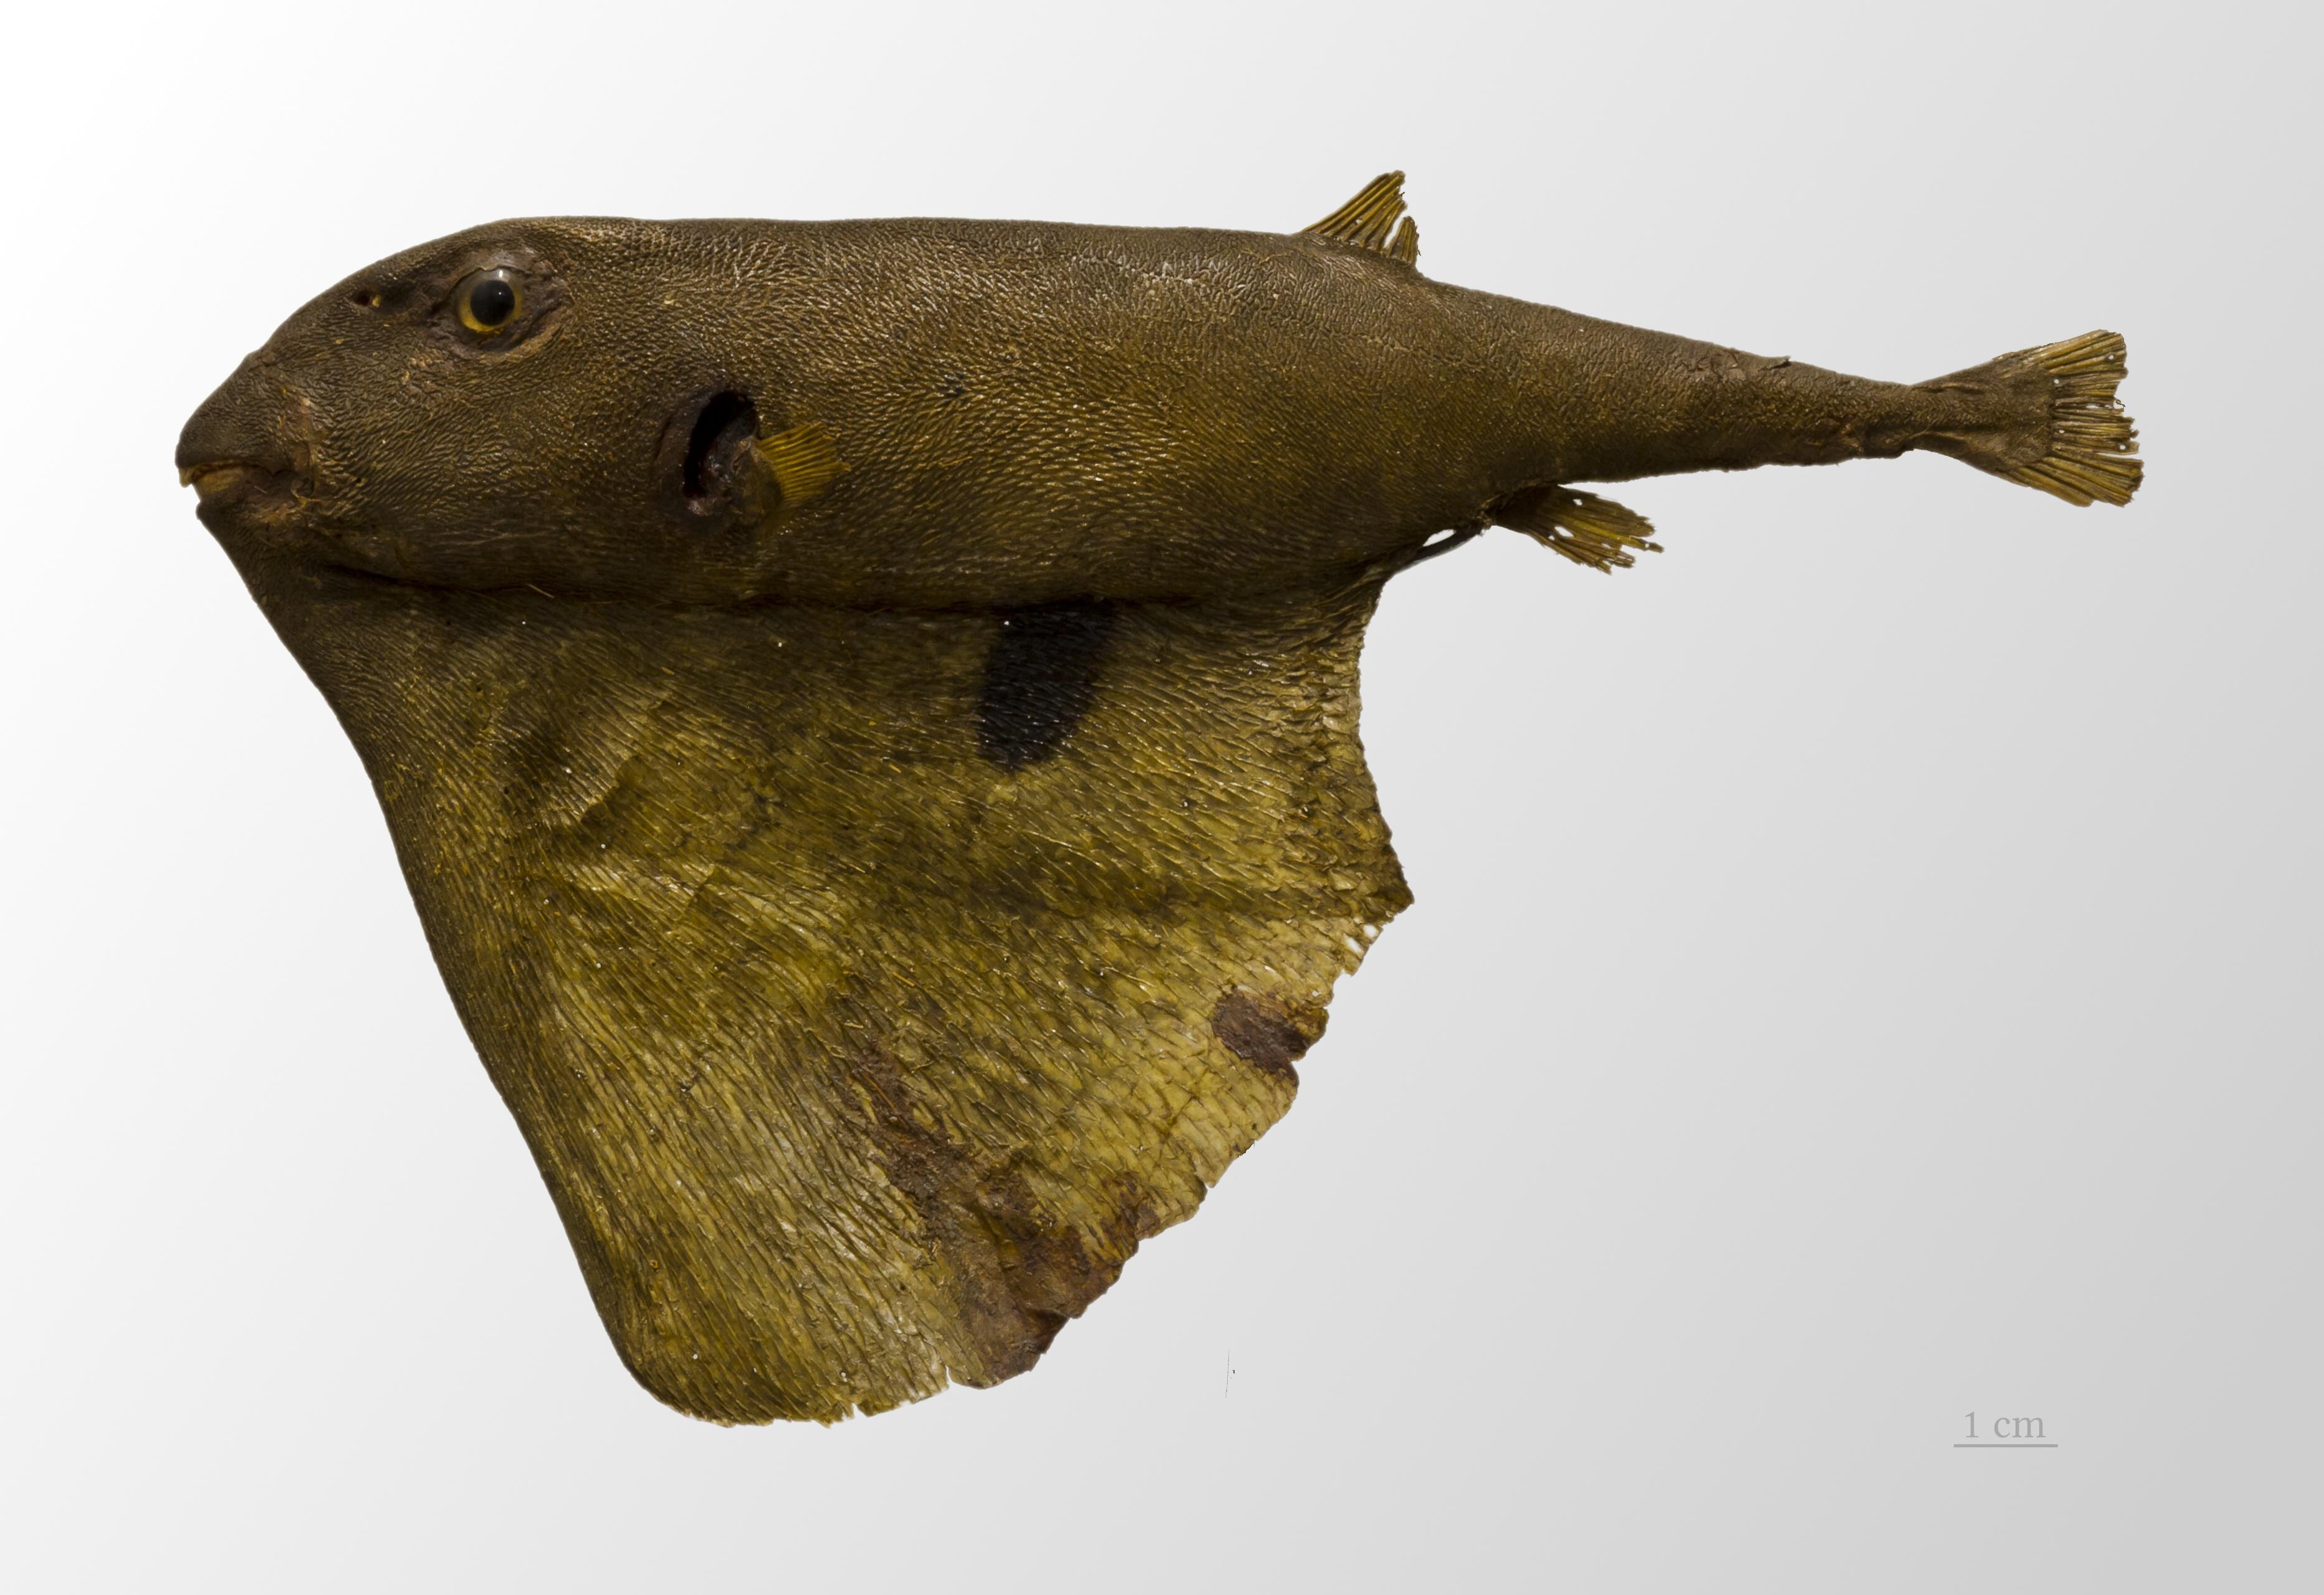 Image of threetooth puffer